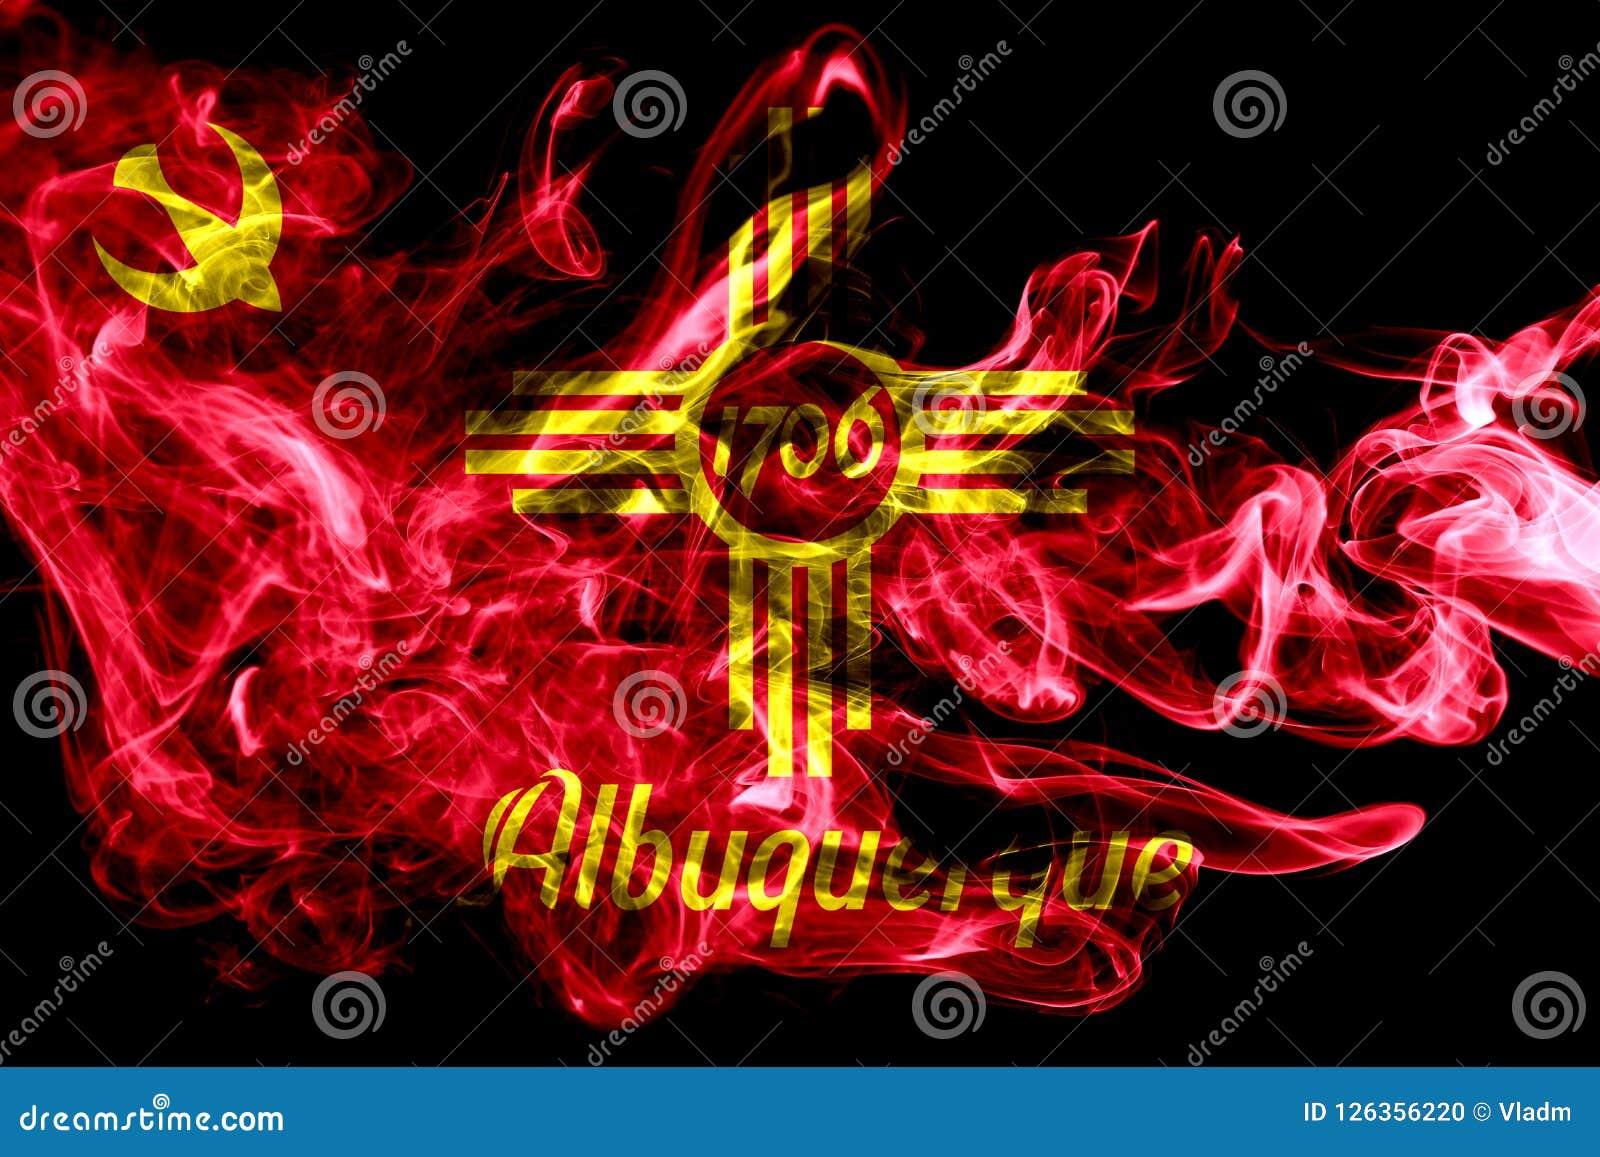 Bandeira do fumo da cidade de Albuquerque, estado de New mexico, Estados Unidos de